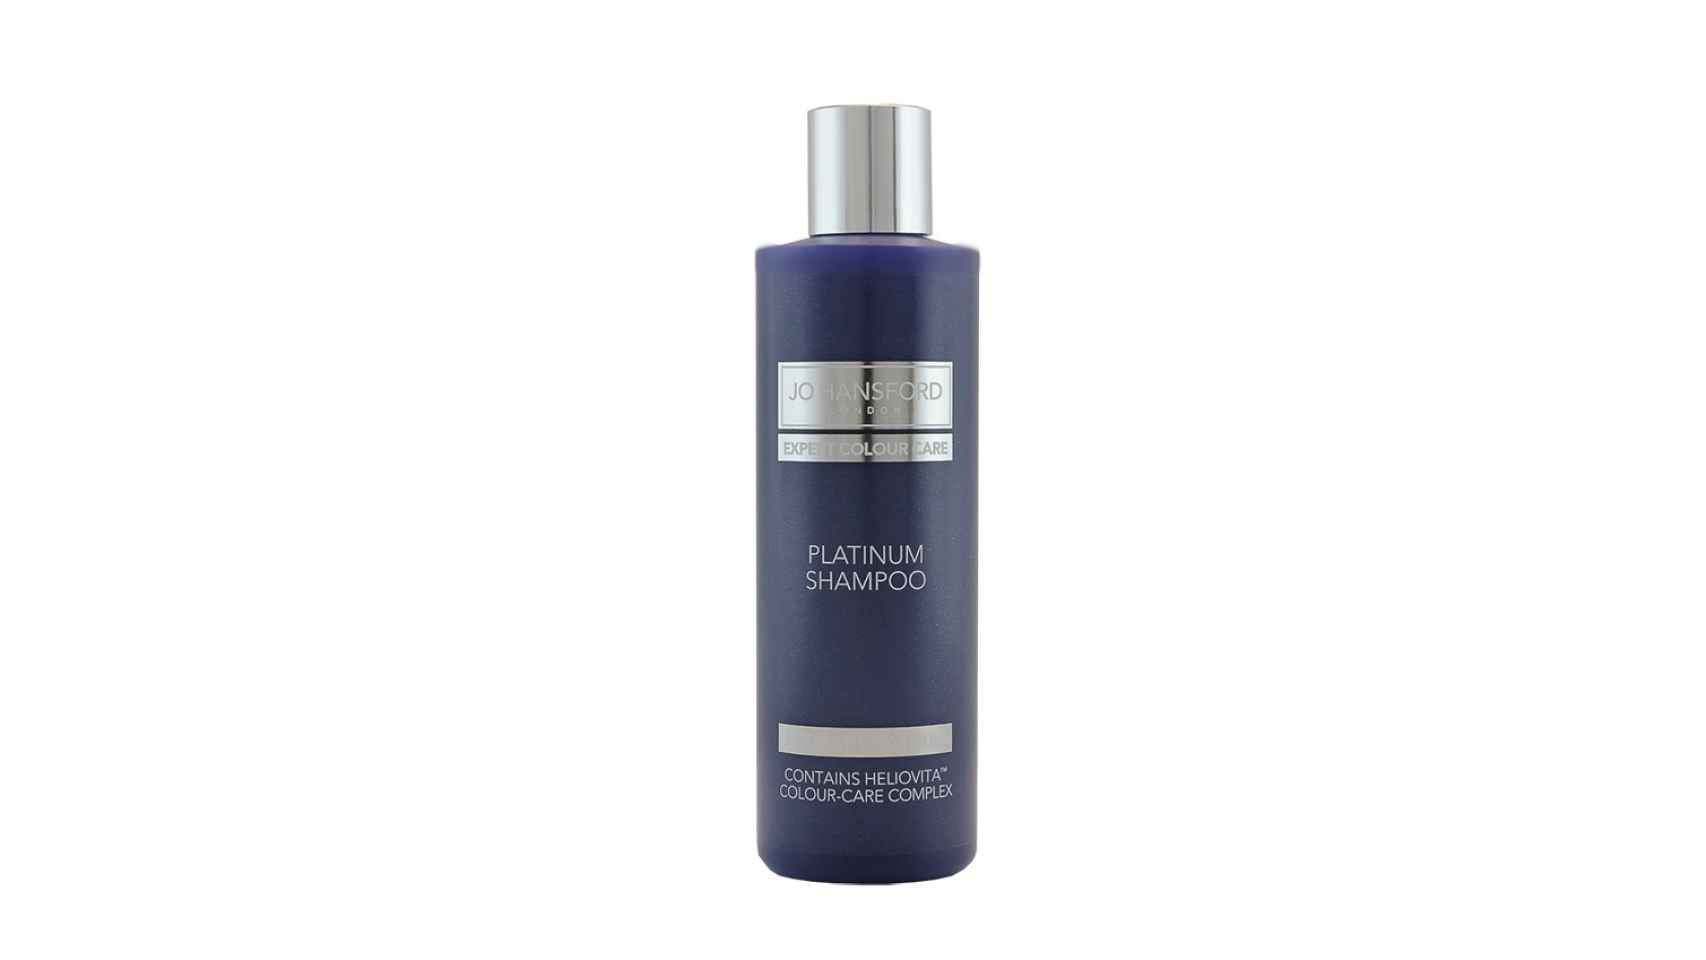 Platinum Shampoo de Jo Hansford.